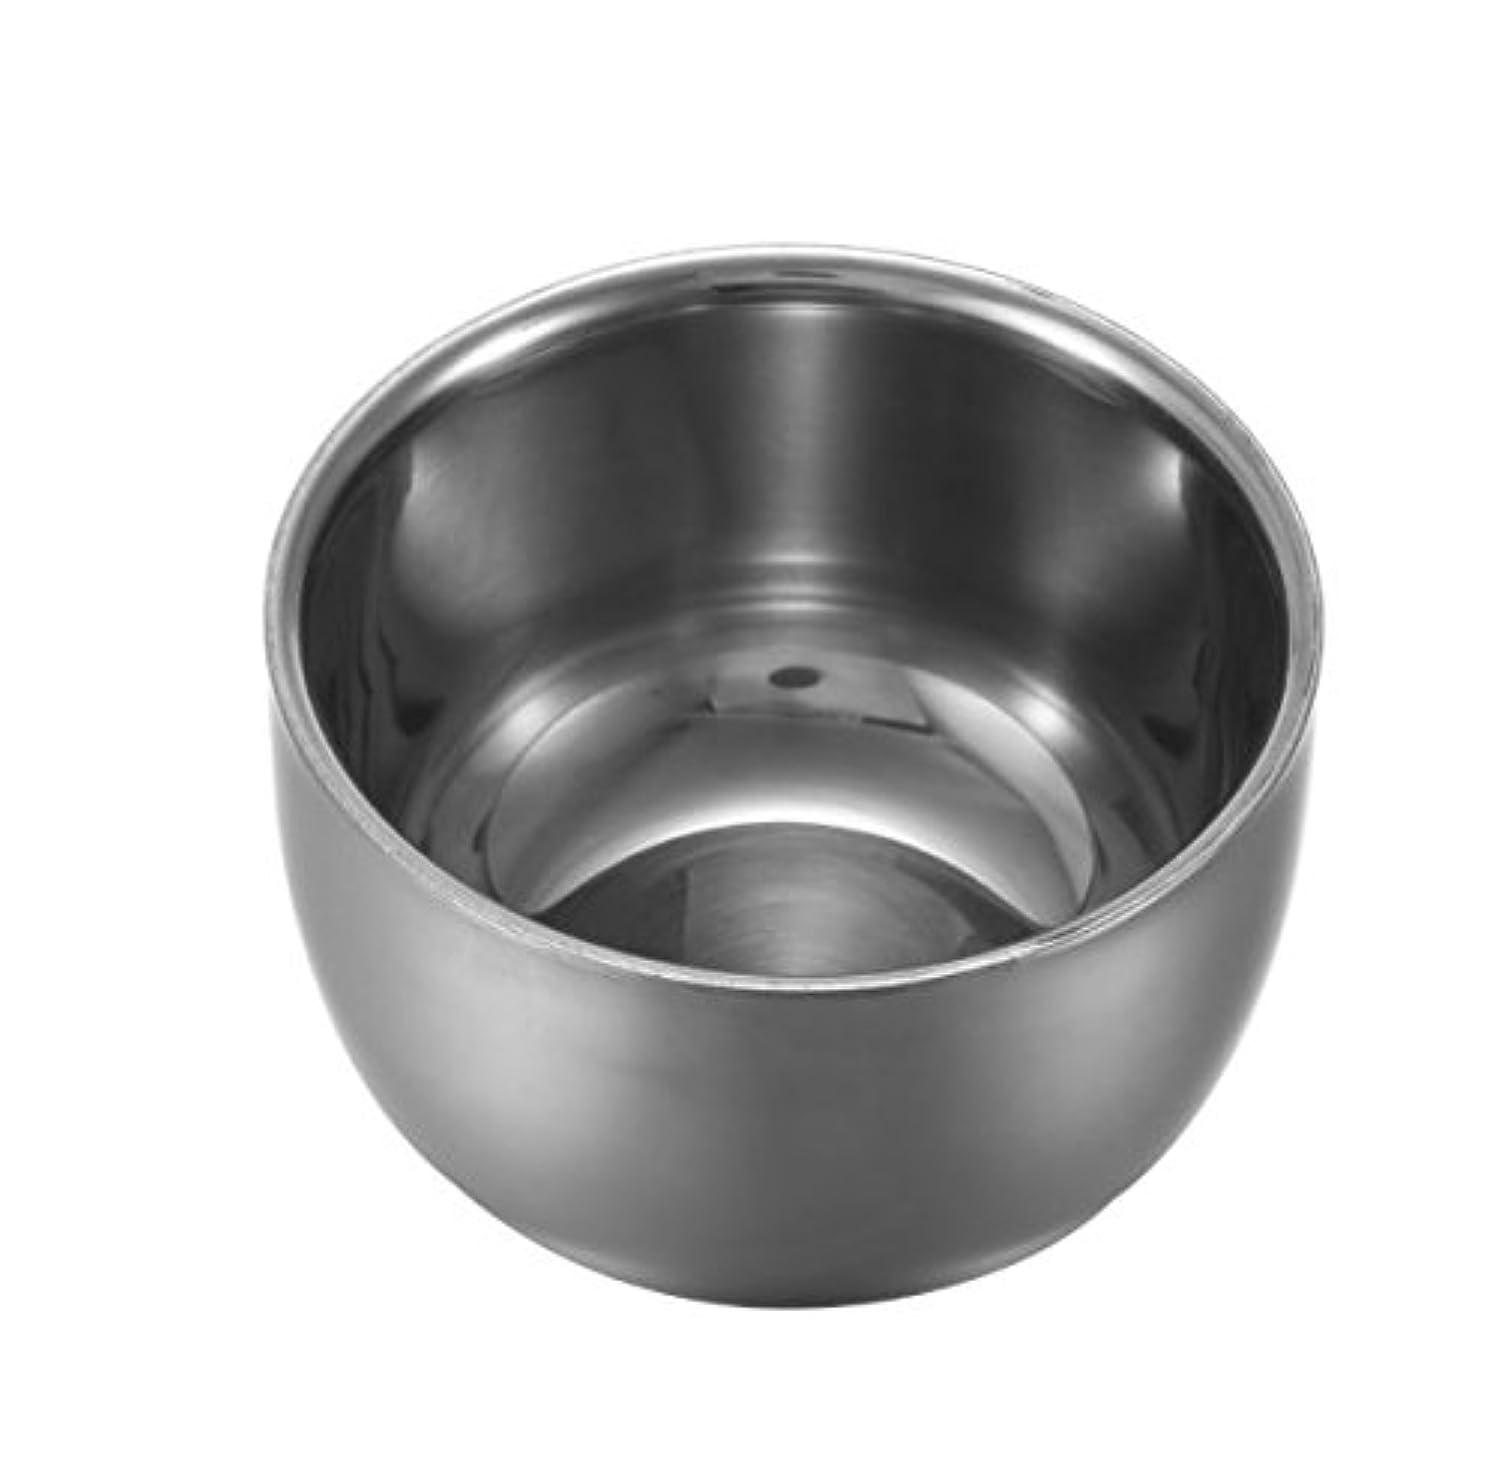 振動させる見積りマダム7.5cm Stainless Steel Shaving Bowl Barber Beard Razor Cup For Shave Brush Male Face Cleaning Soap Mug Tool